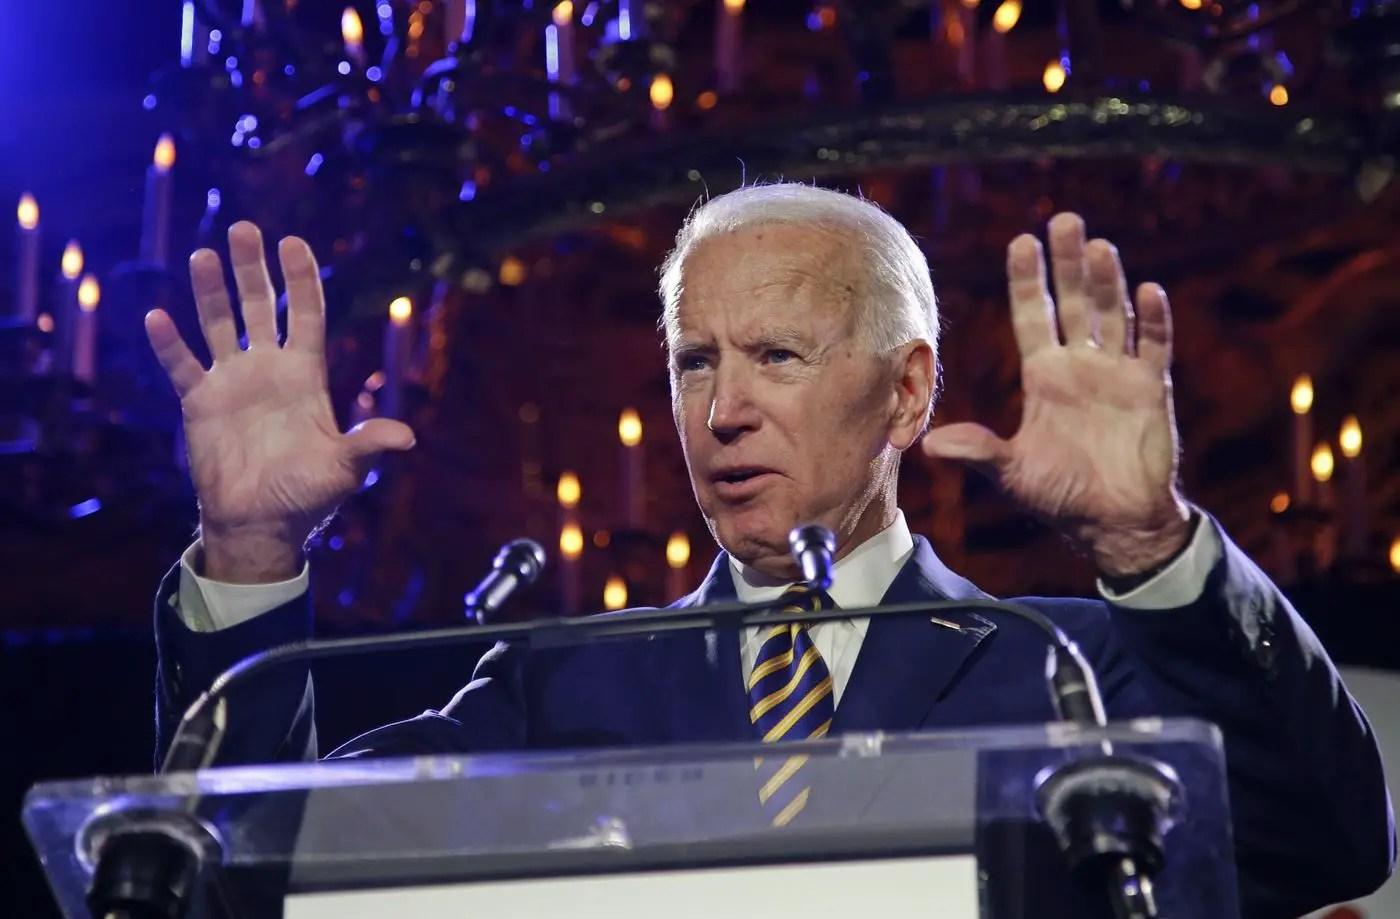 Biden 2020 apology